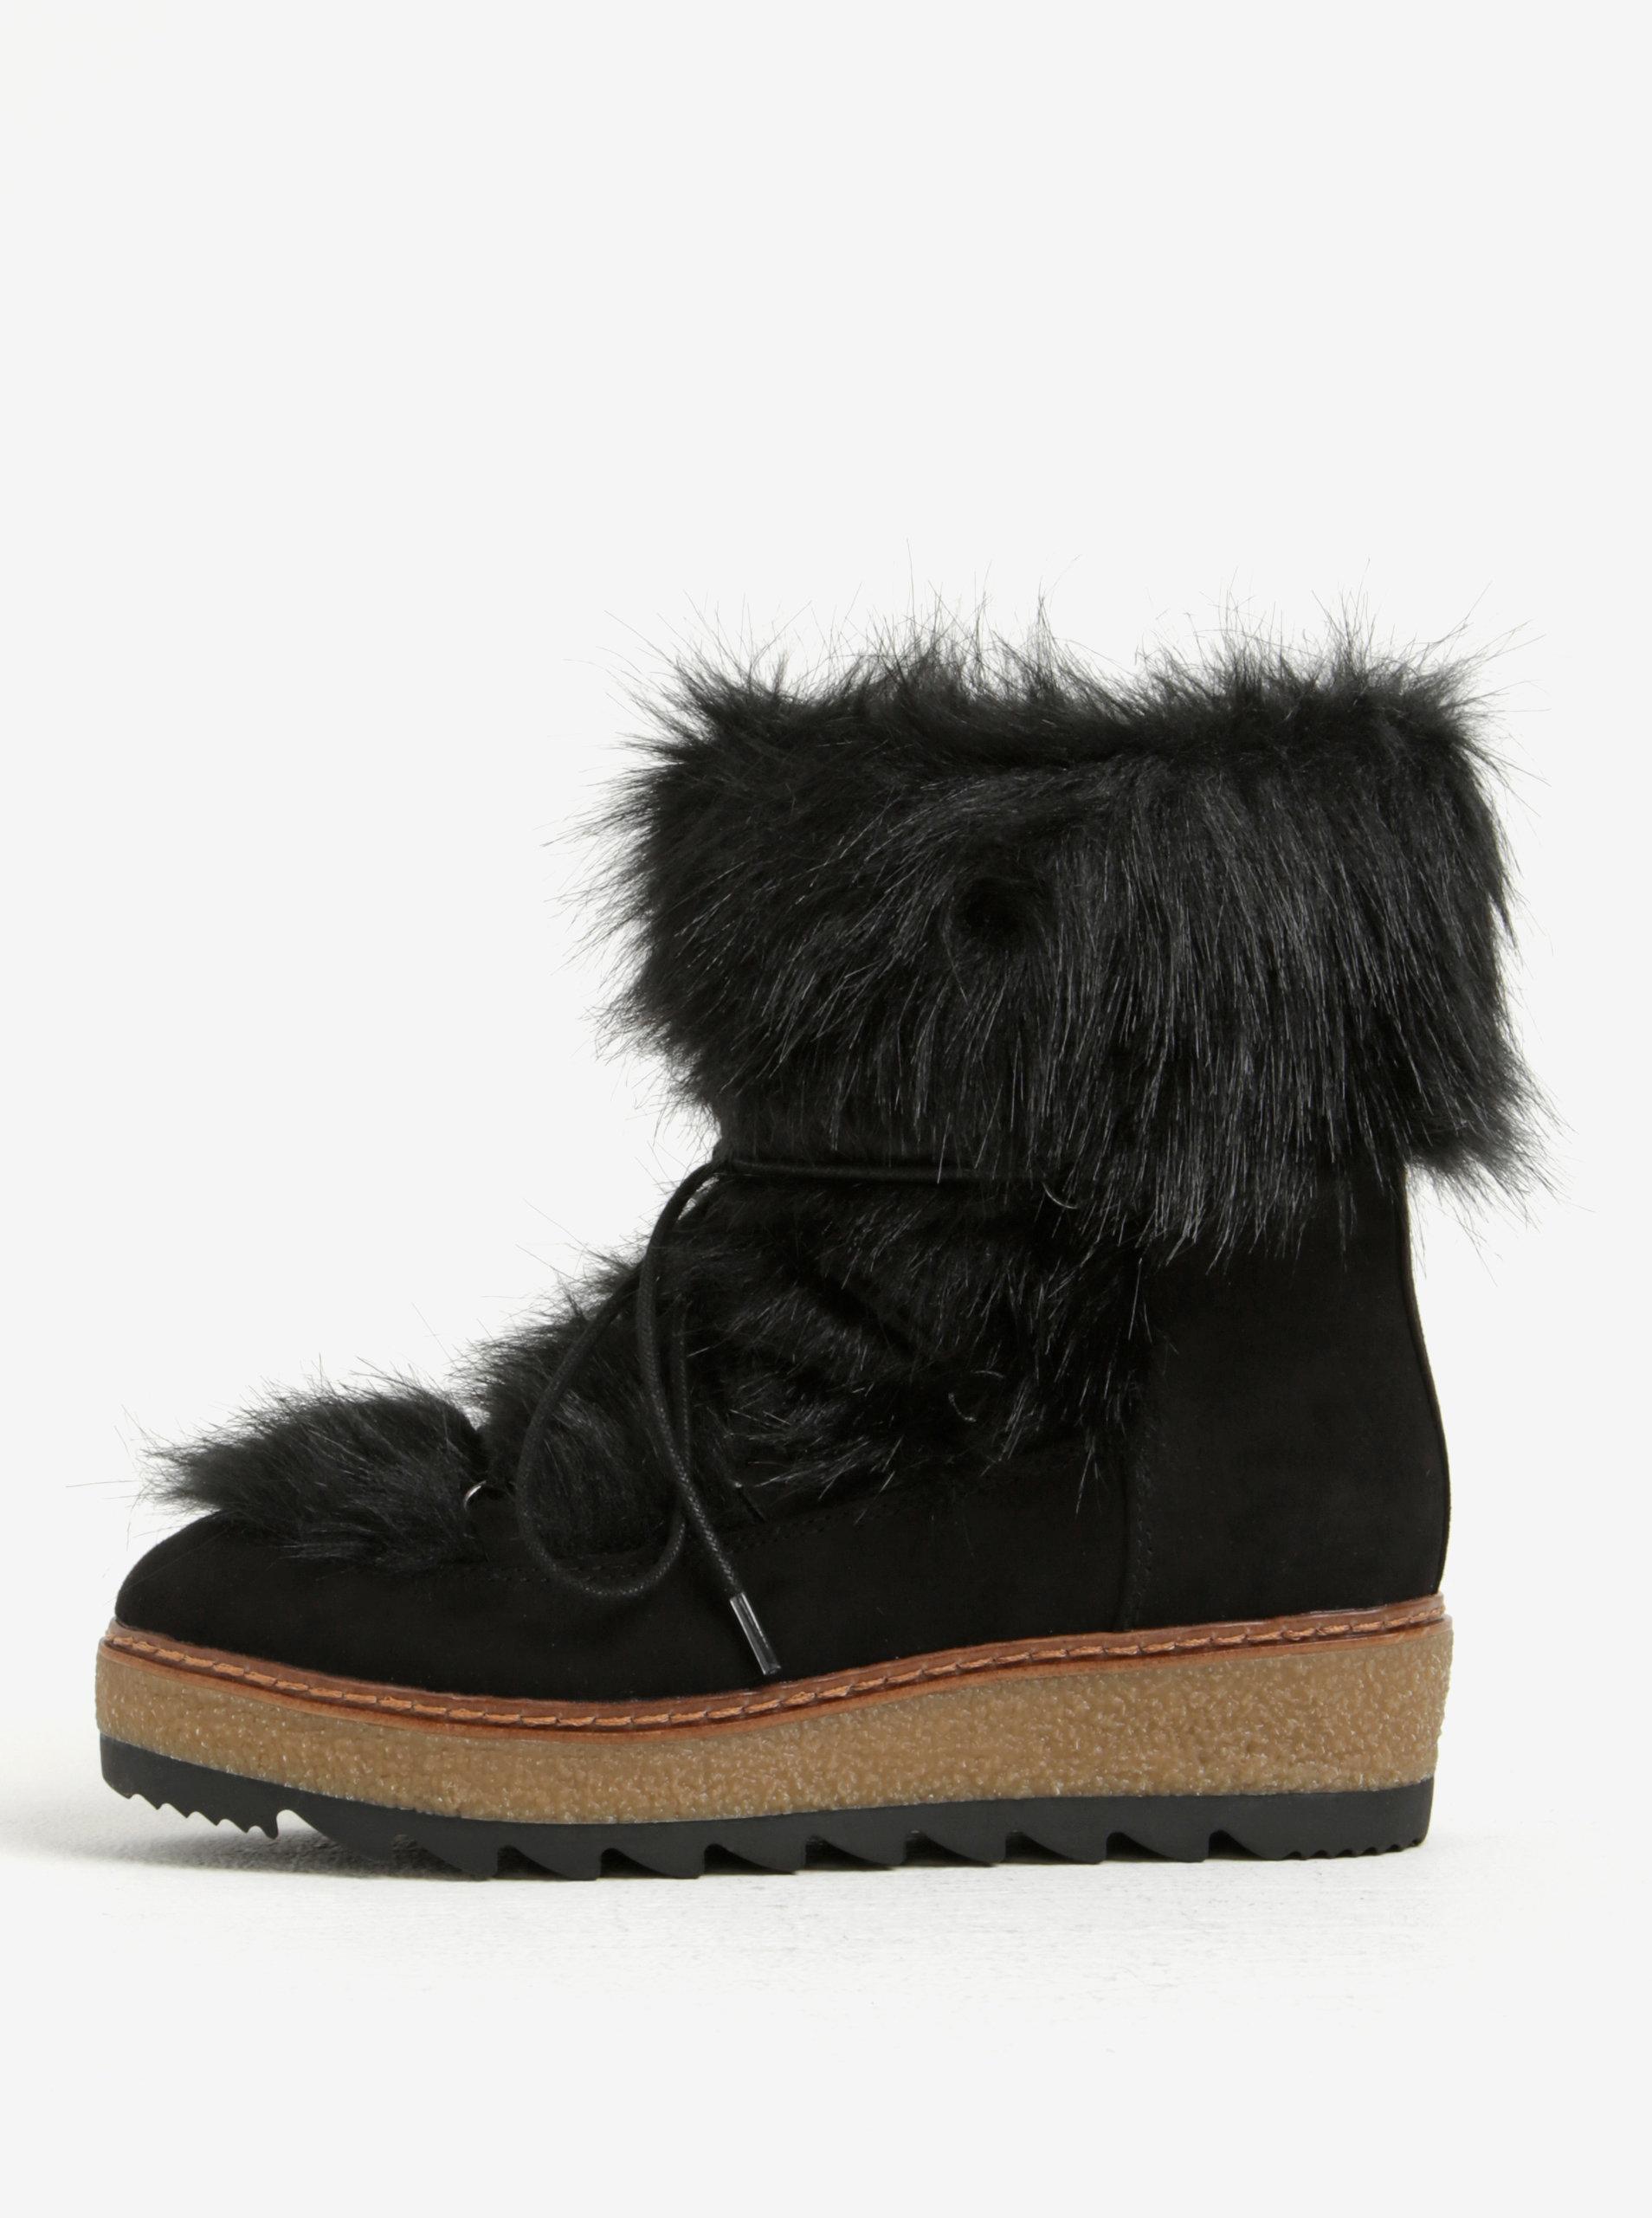 Čierne zimné čižmy s umelou kožušinou Tamaris ... f3d0373a482